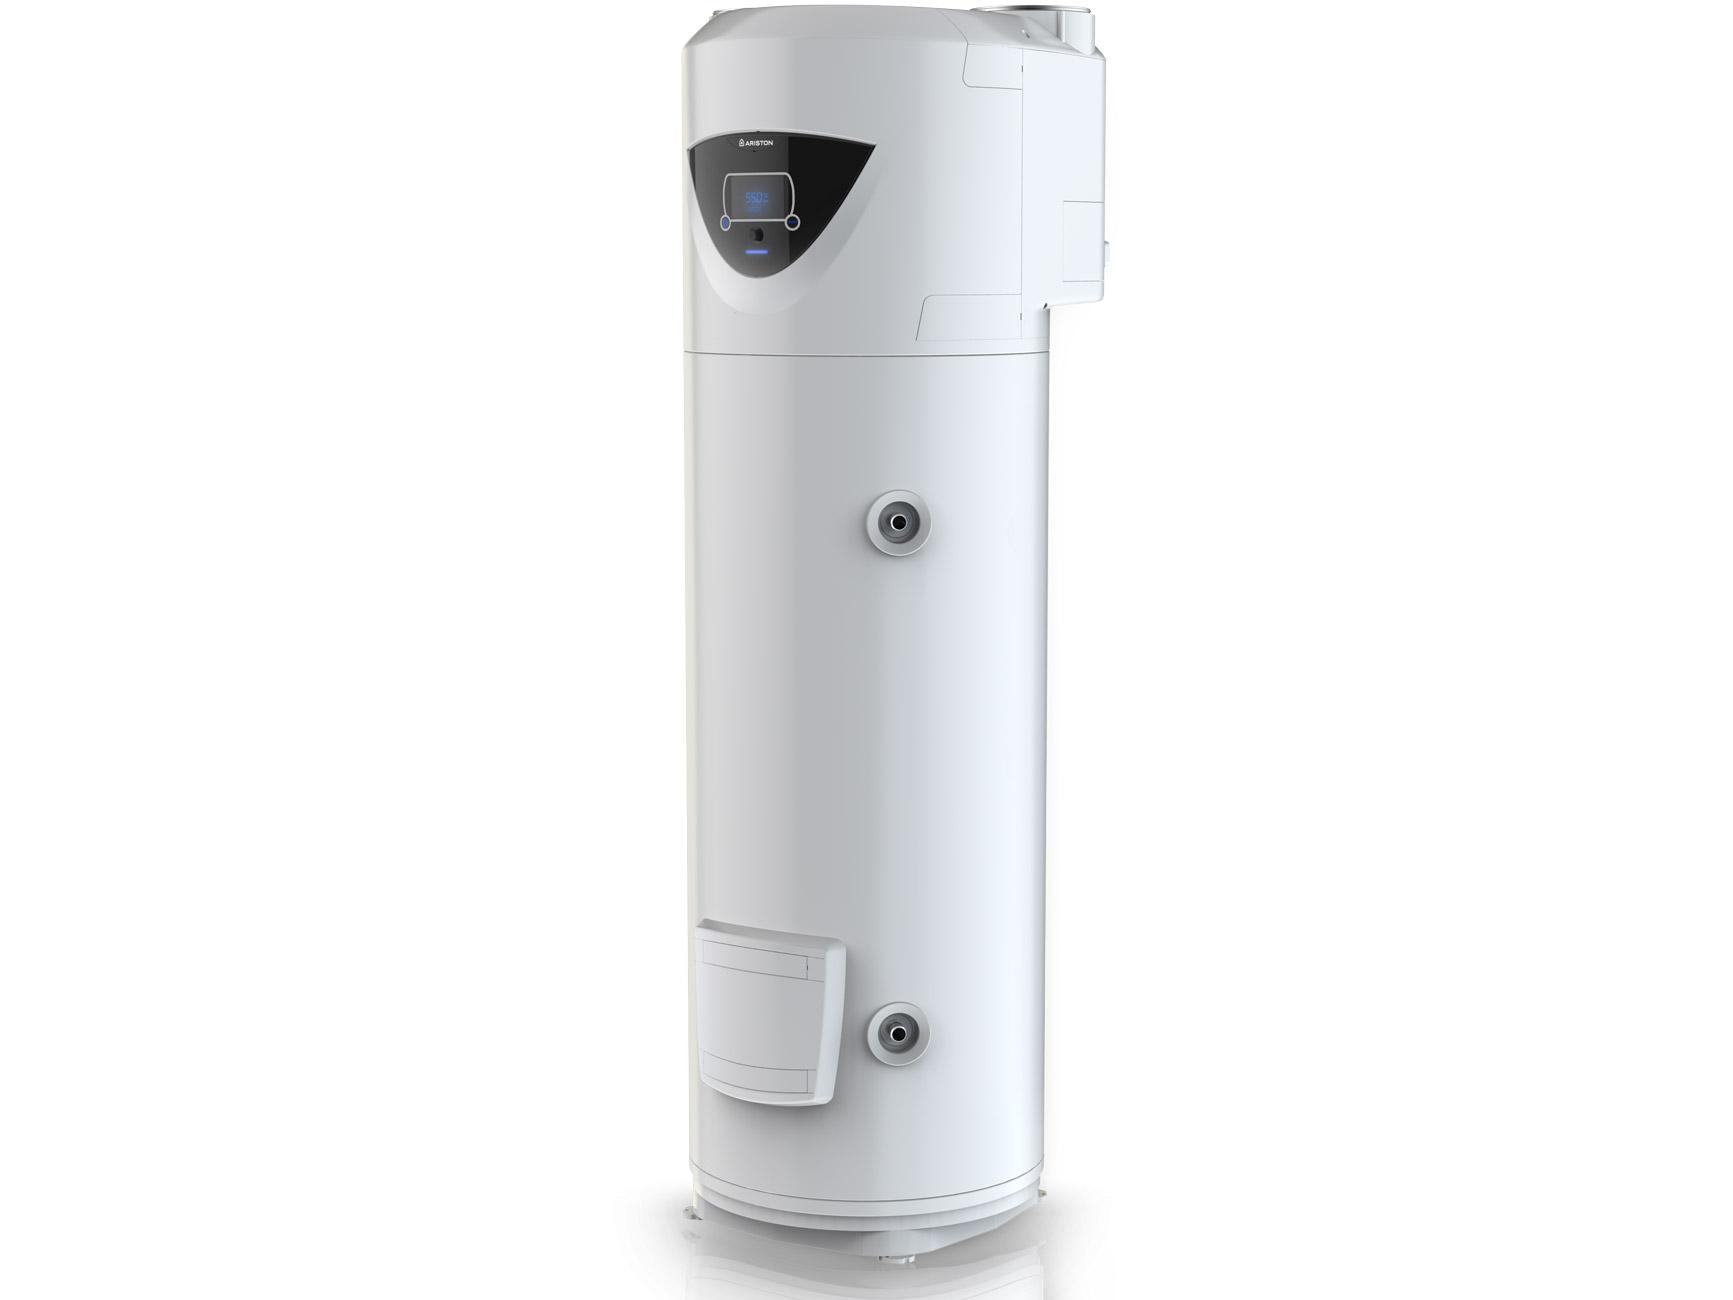 ARISTON NUOS PLUS 250 TWIN SYS ohřívač vody 3079055